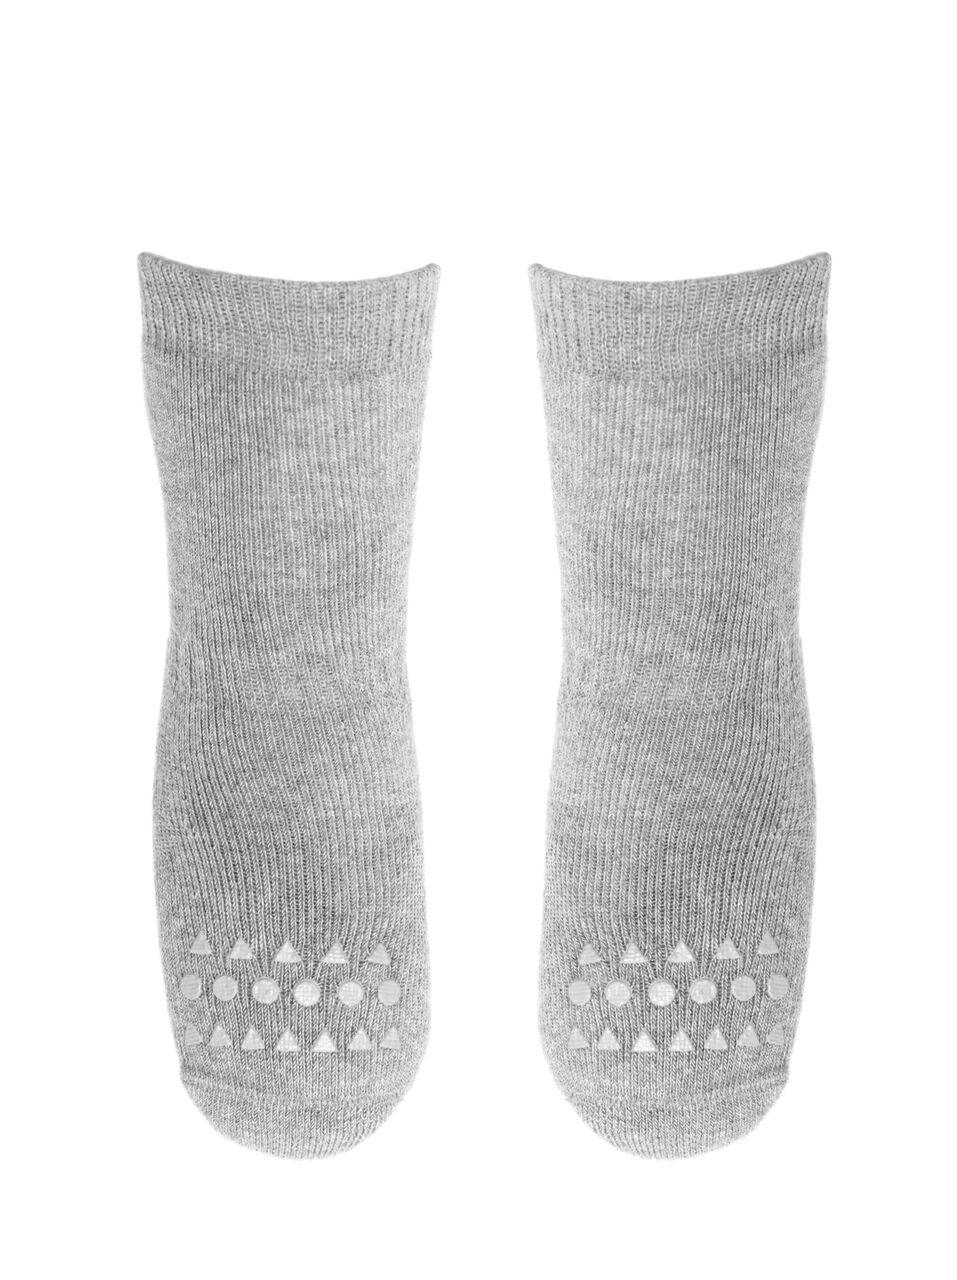 Šviesiai pilkos kojinaitės GOBABYGO 3-4 metų vaikams